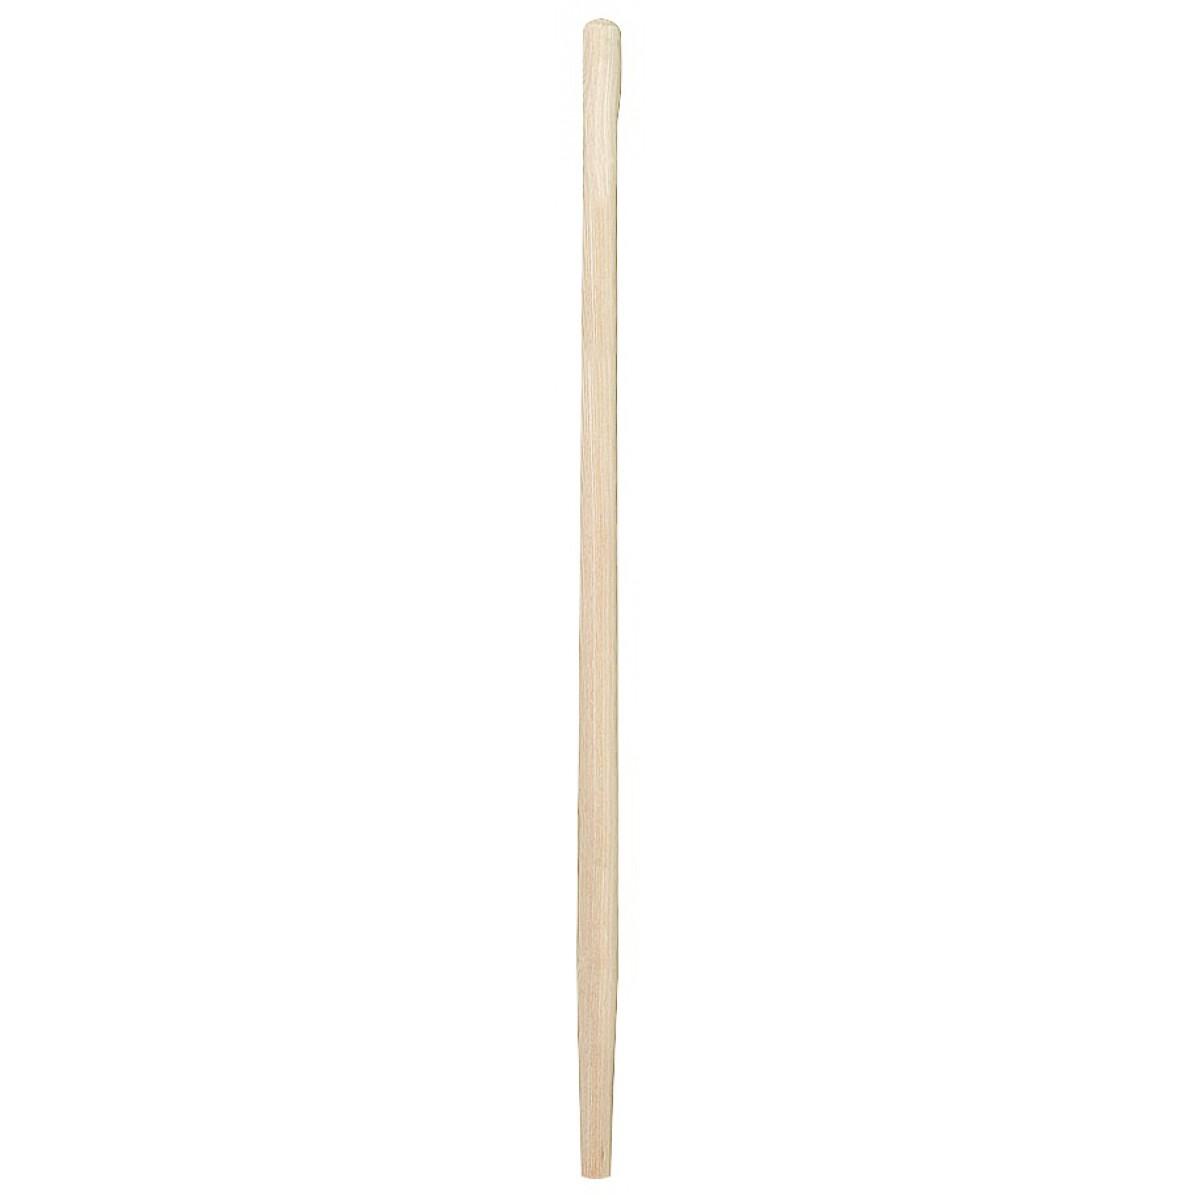 Manche bois Cap Vert - Fourche à bêcher percé - Diamètre 38 mm - Longueur 1 m